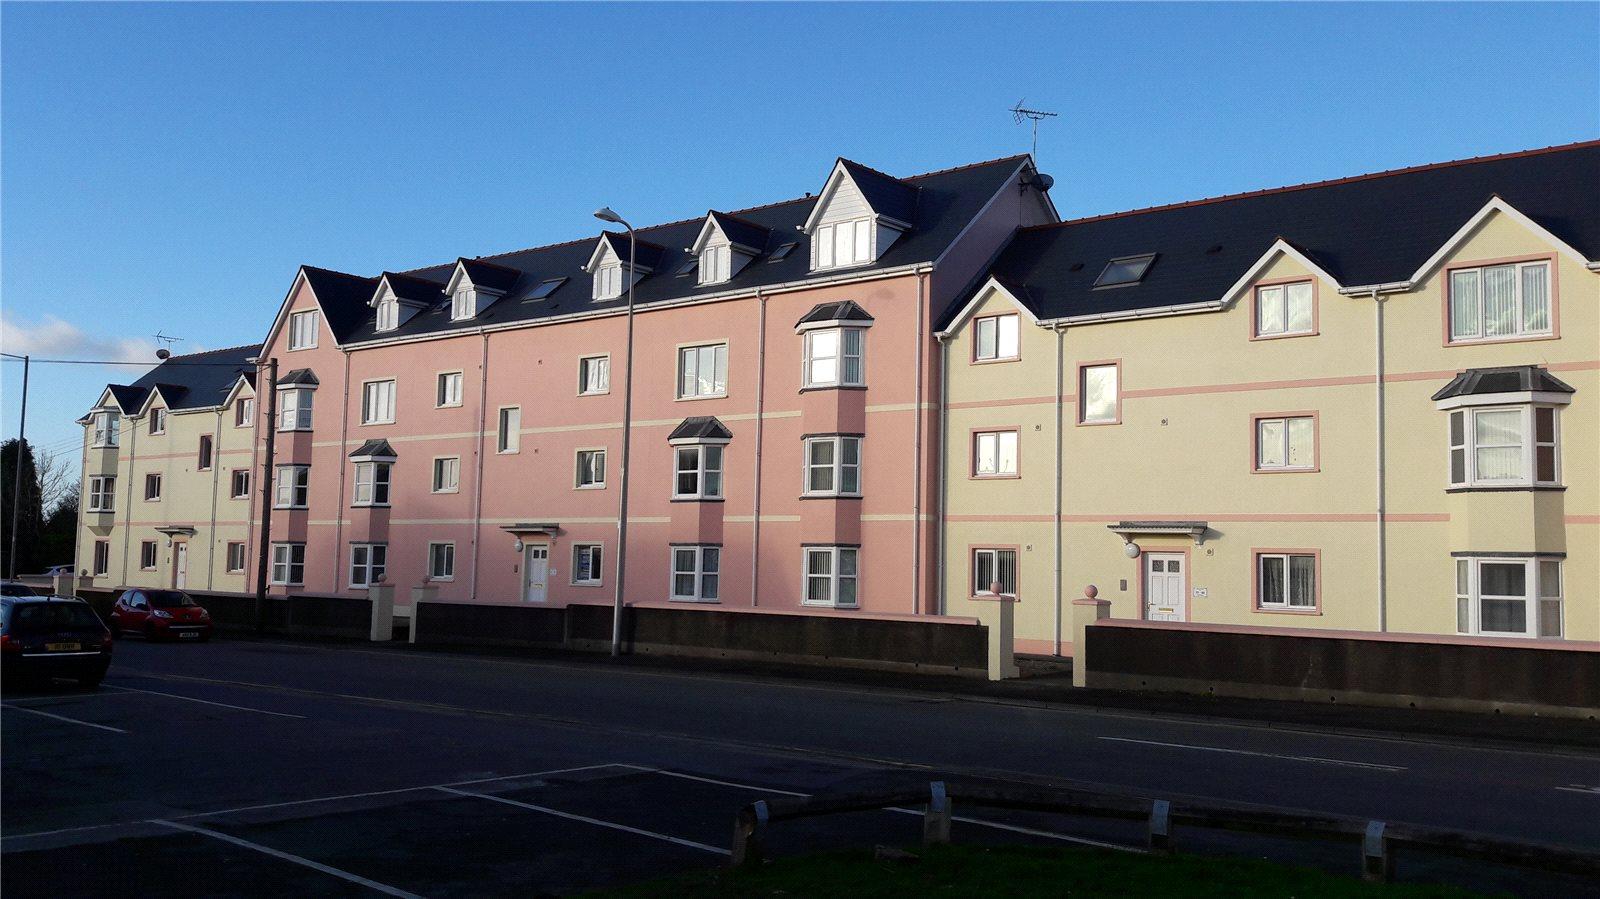 2 Bedrooms Flat for sale in London Road, Pembroke Dock, Pembrokeshire